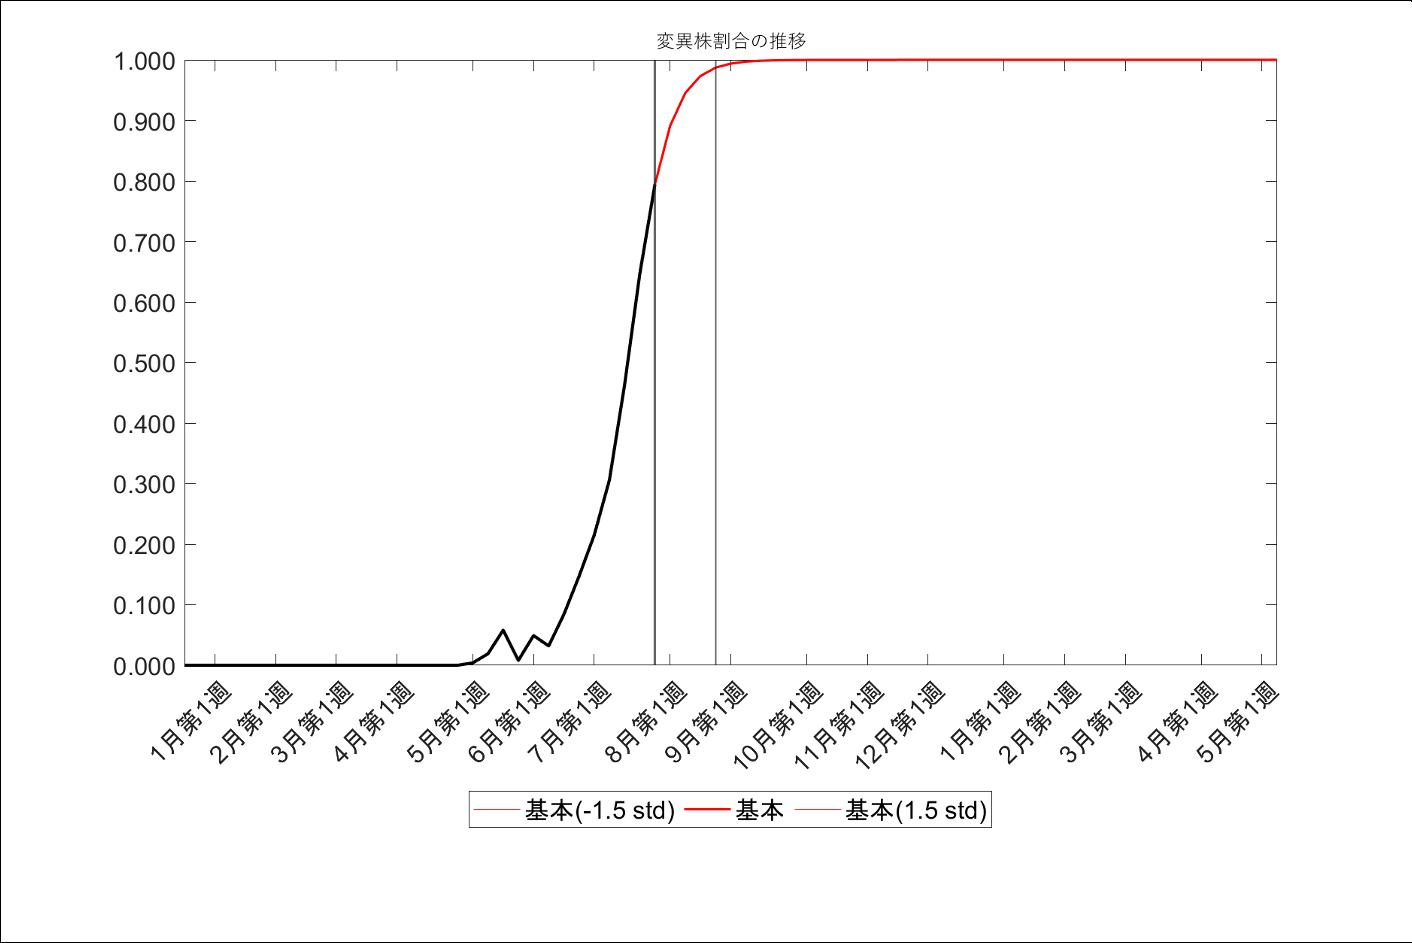 デルタ型変異株割合の仮定(両シナリオ共通)